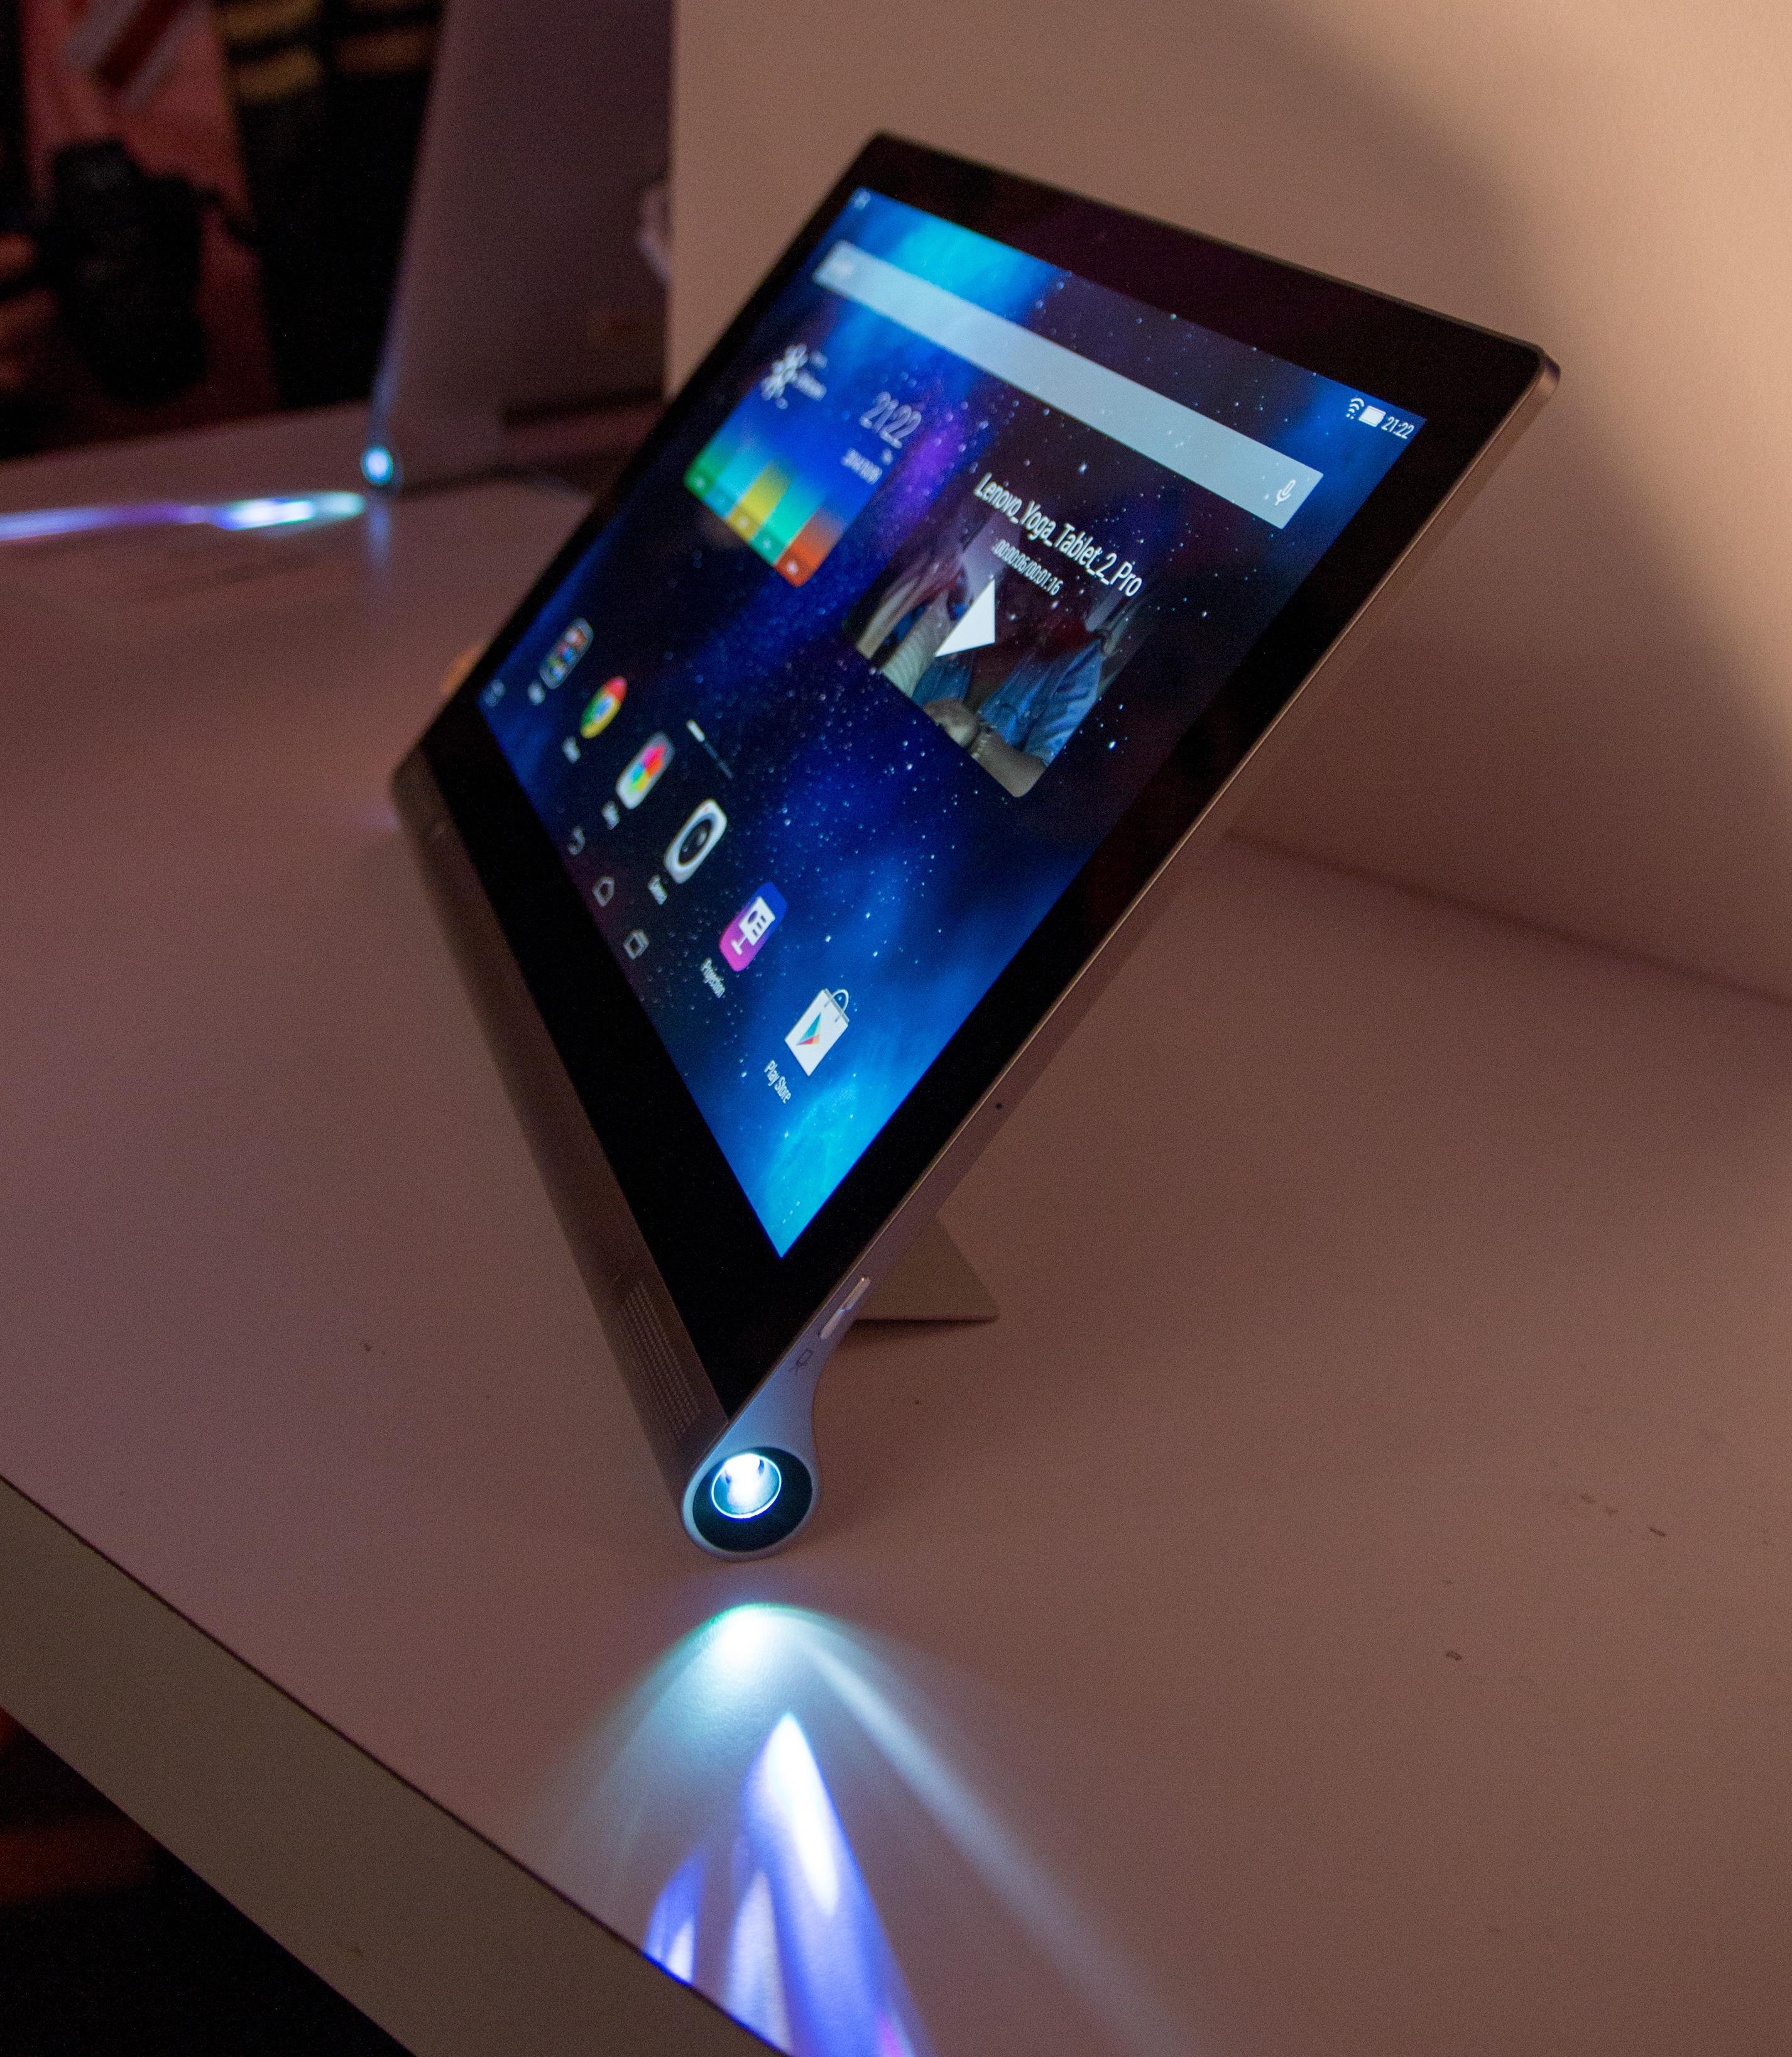 Projektoren på Yoga Tablet 2 Pro kunne vært enda mer lyssterk, men vi tror mange vil få stor glede av den selv om den ikke riktig er noen fullgod TV-erstatter.Foto: Anders Brattensborg Smedsrud, Tek.no